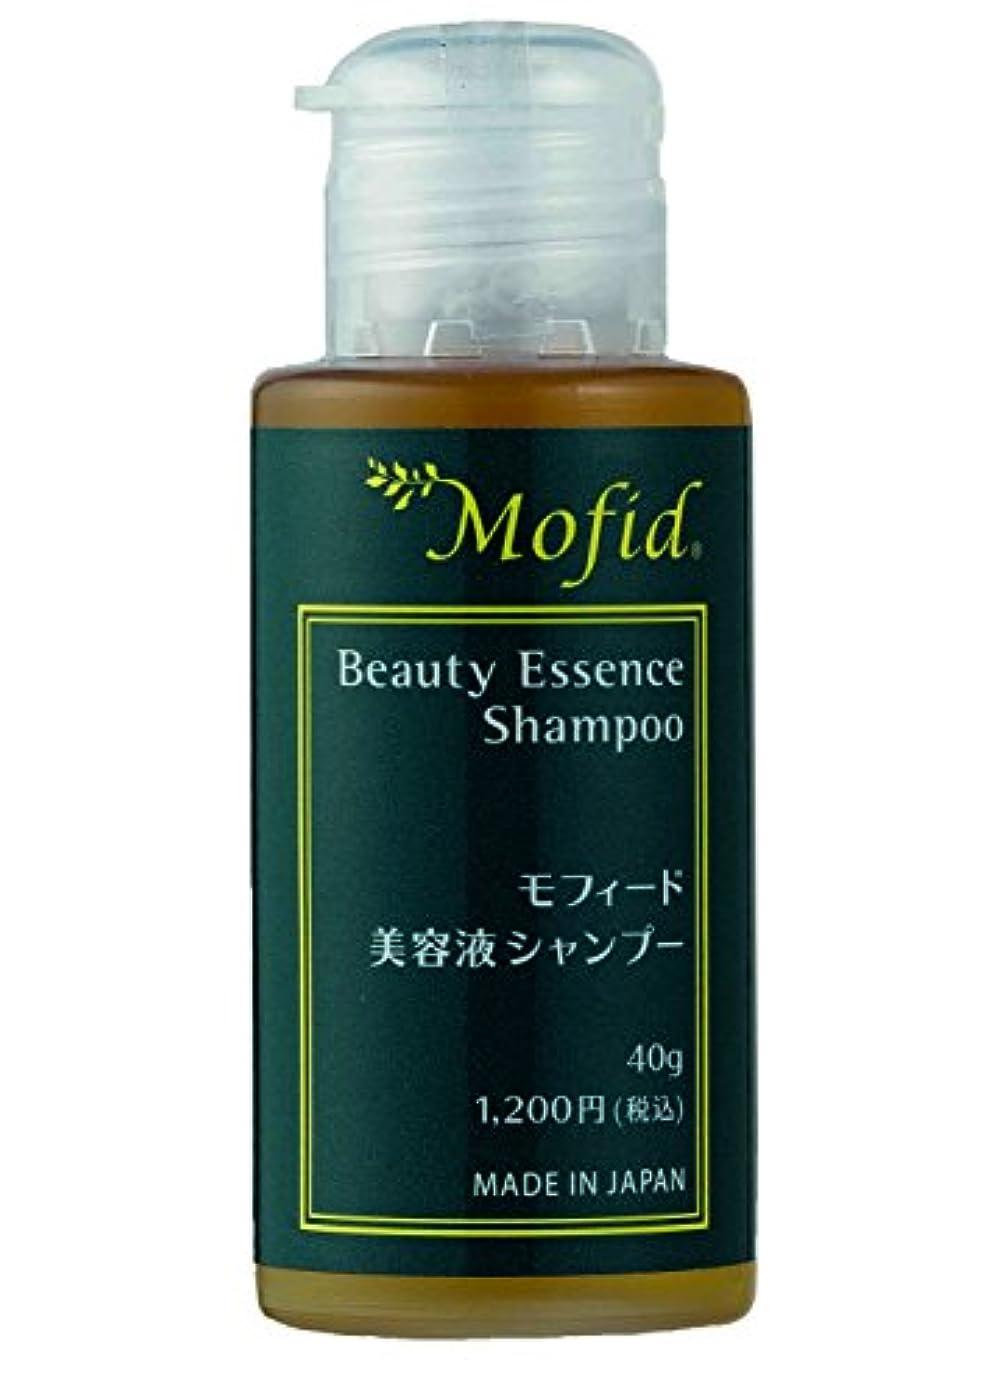 日本製 モフィード 美容液 シャンプー 40g 【ハラル Halal 認証 シャンプー】 Mofid Beauty Serum Shampoo